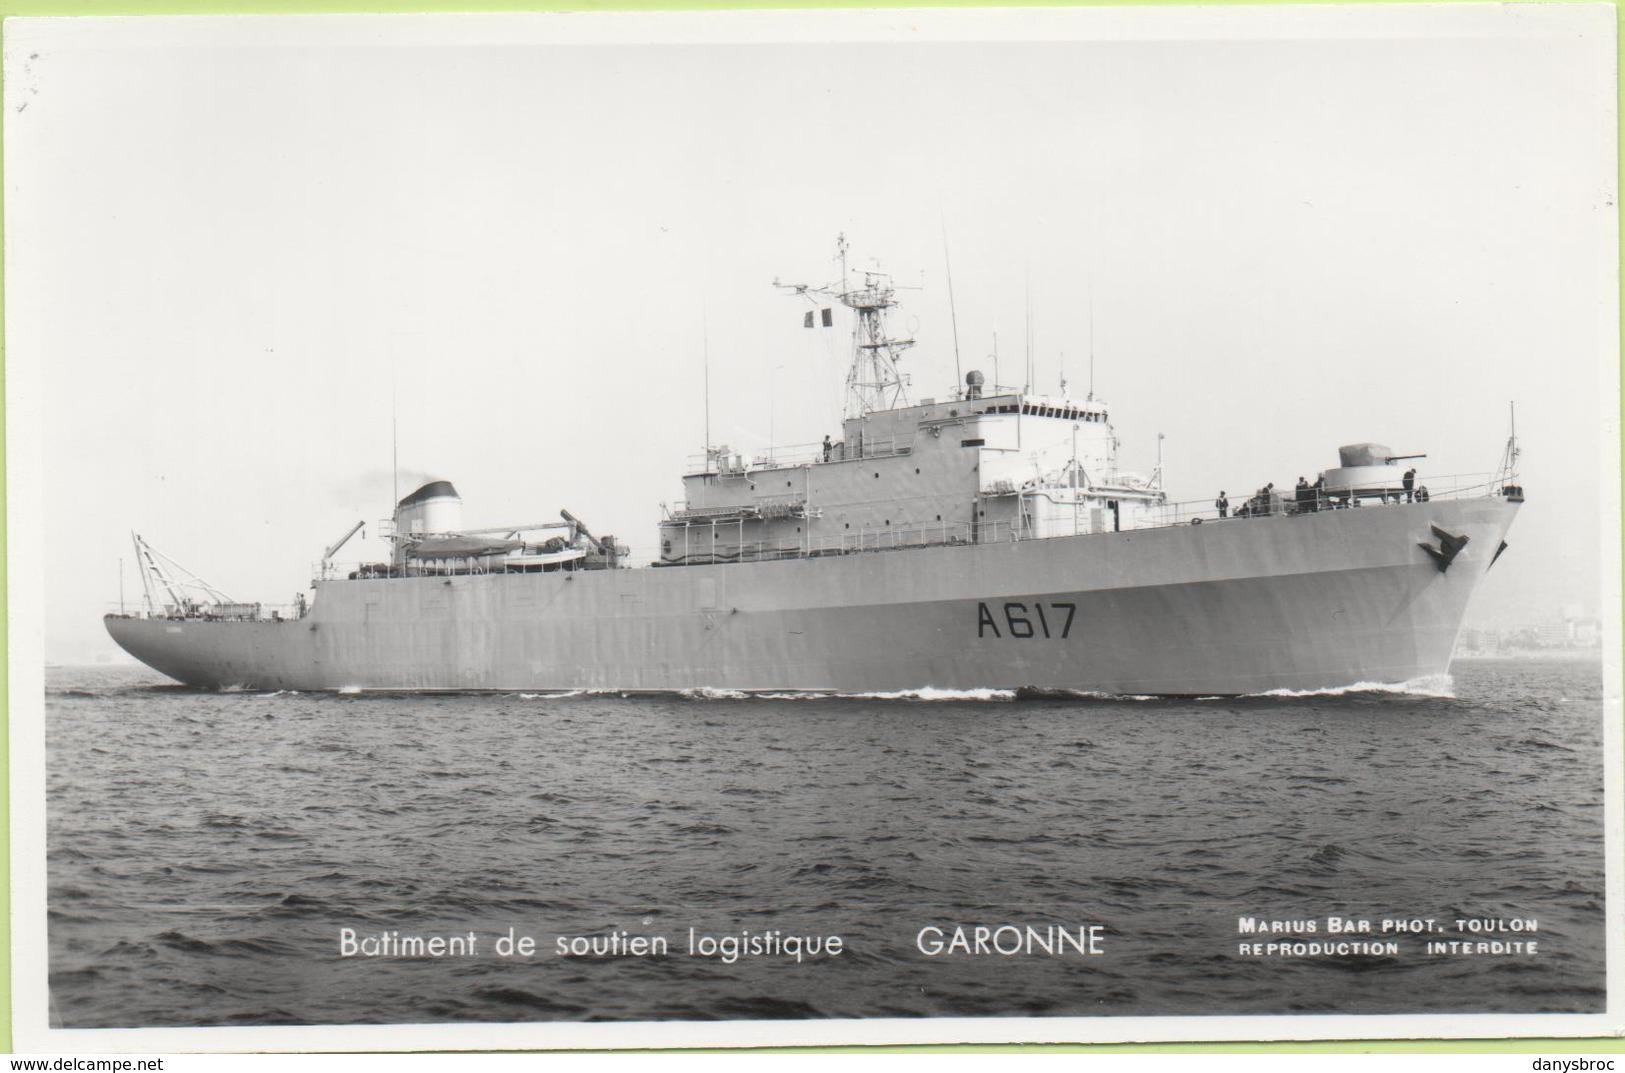 Bâtiment De Soutien Logistique   GARONNE   / Photo Marius Bar, Toulon / Marine - Bateaux - Guerre - Militaire - Warships